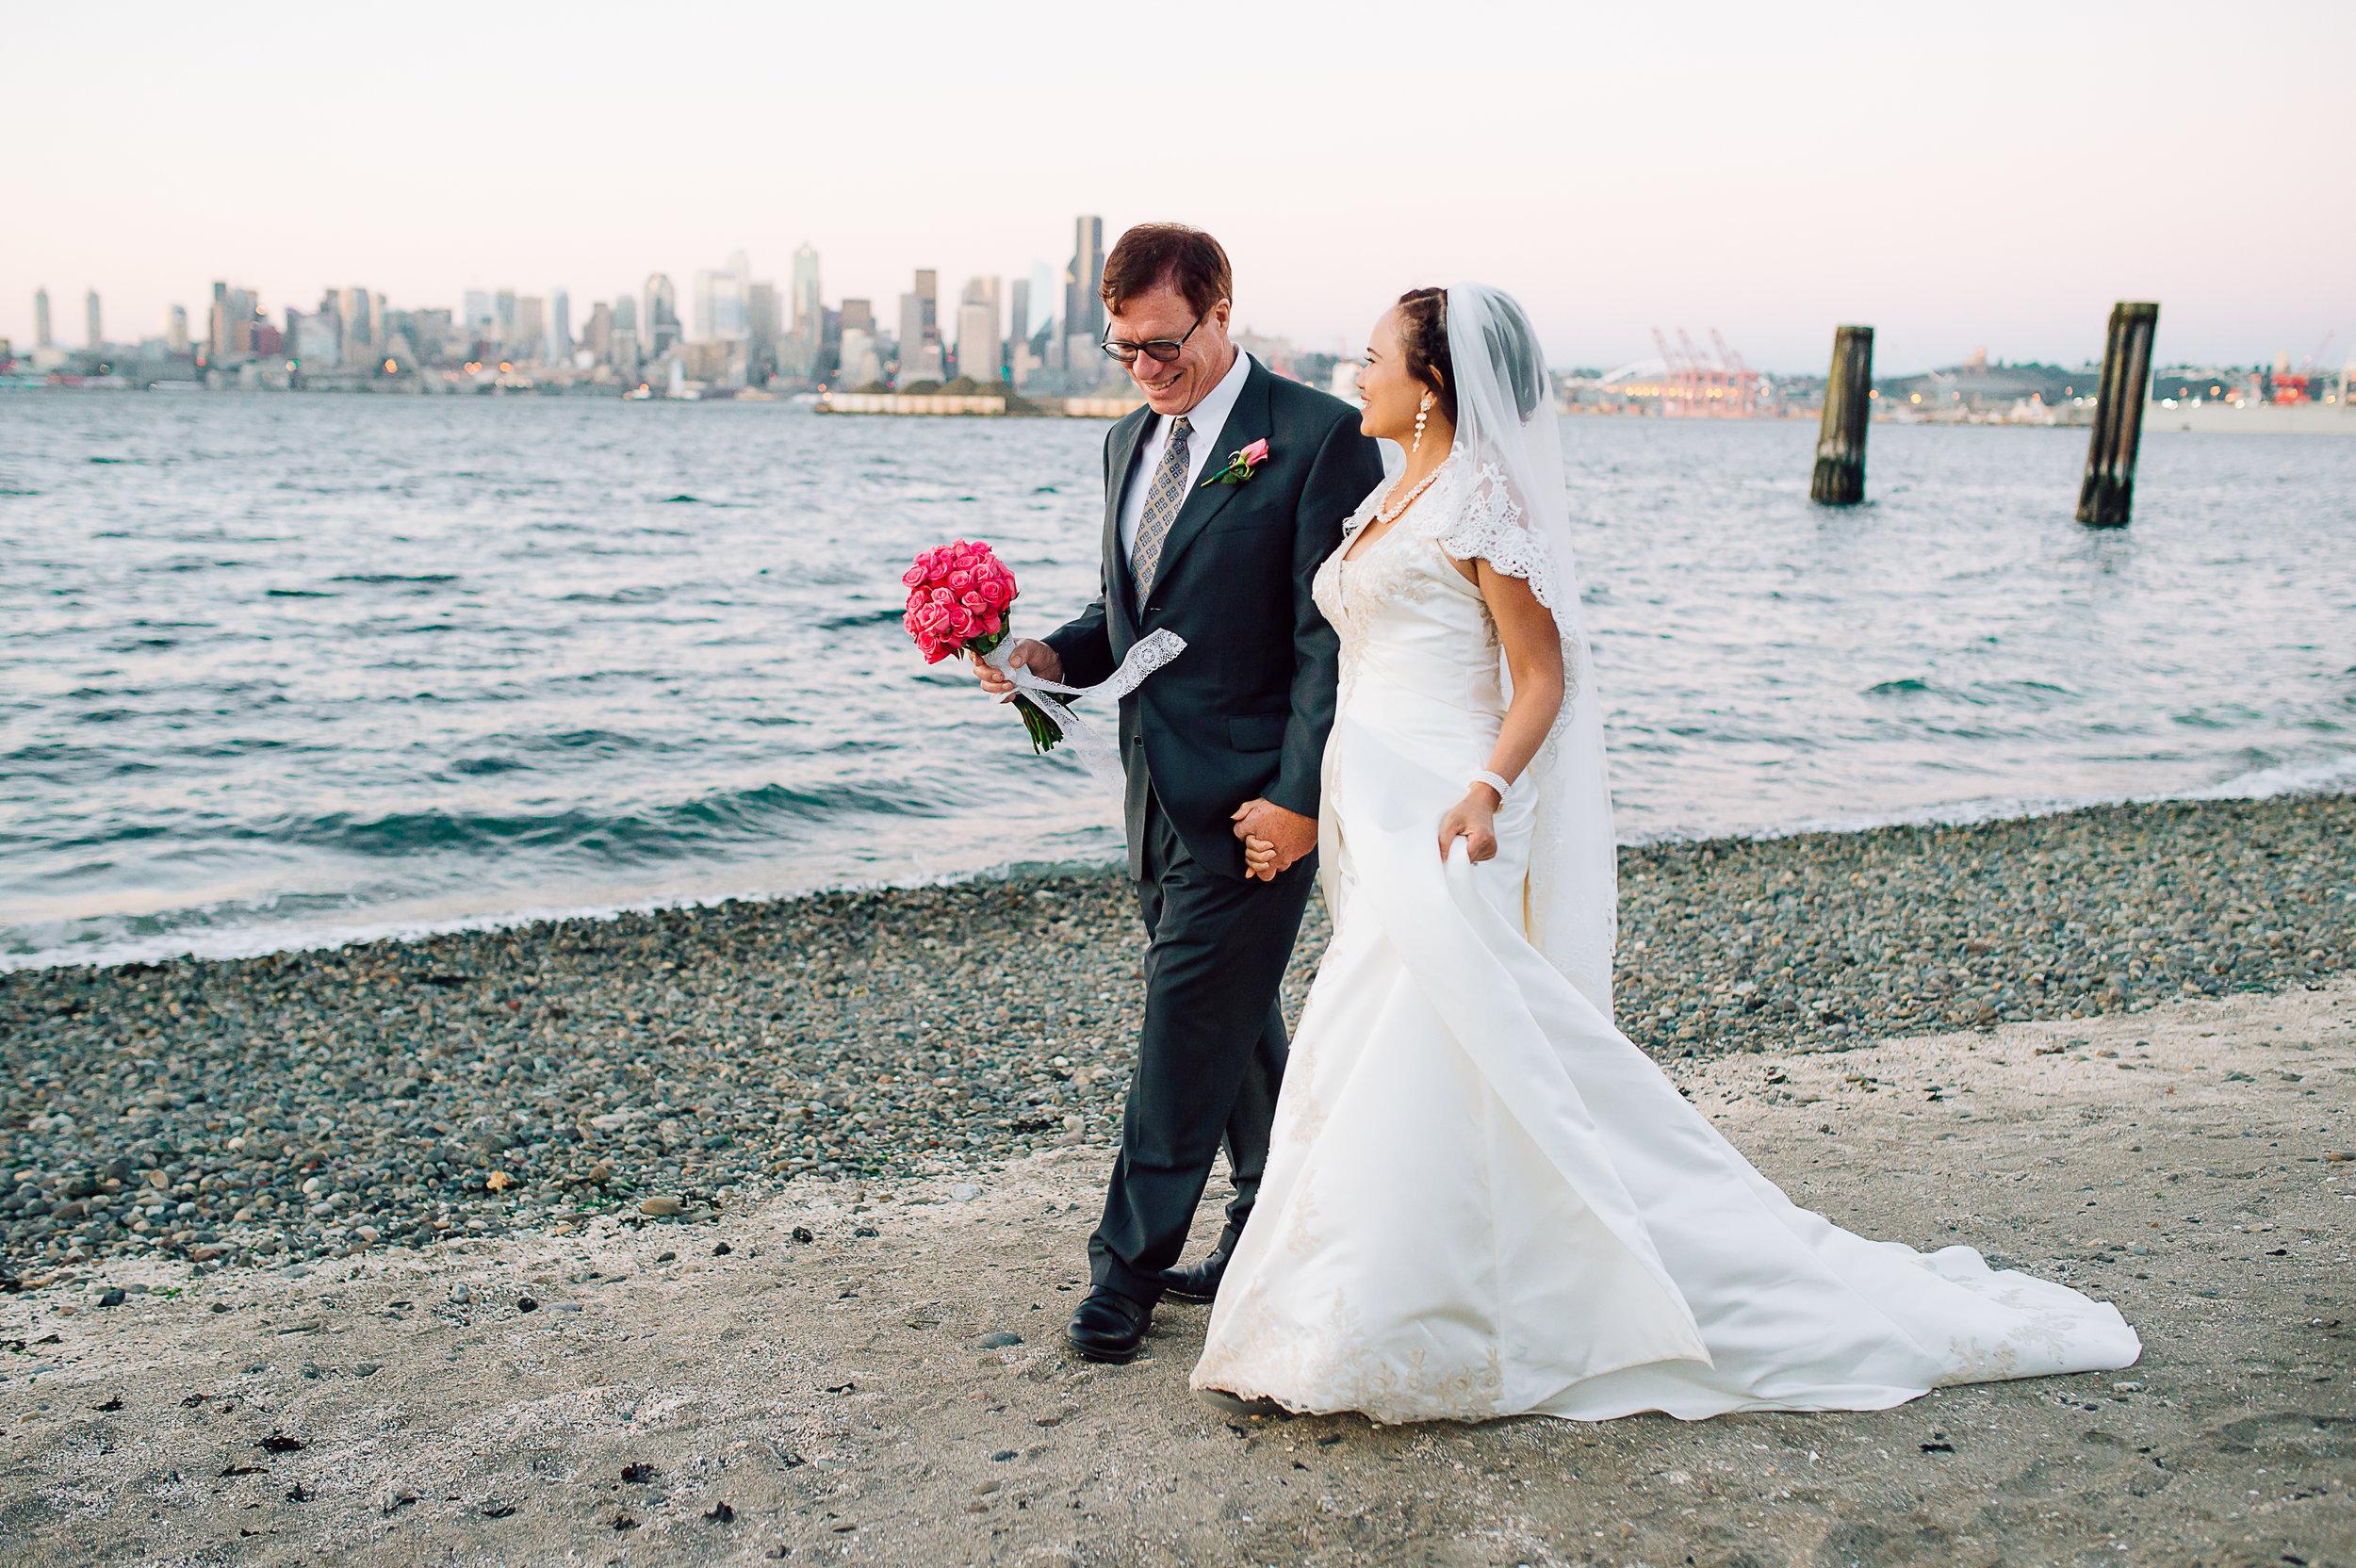 destinationwedding_Seattle_virginiaphotographer_youseephotography_LidiaOtto (755).jpg